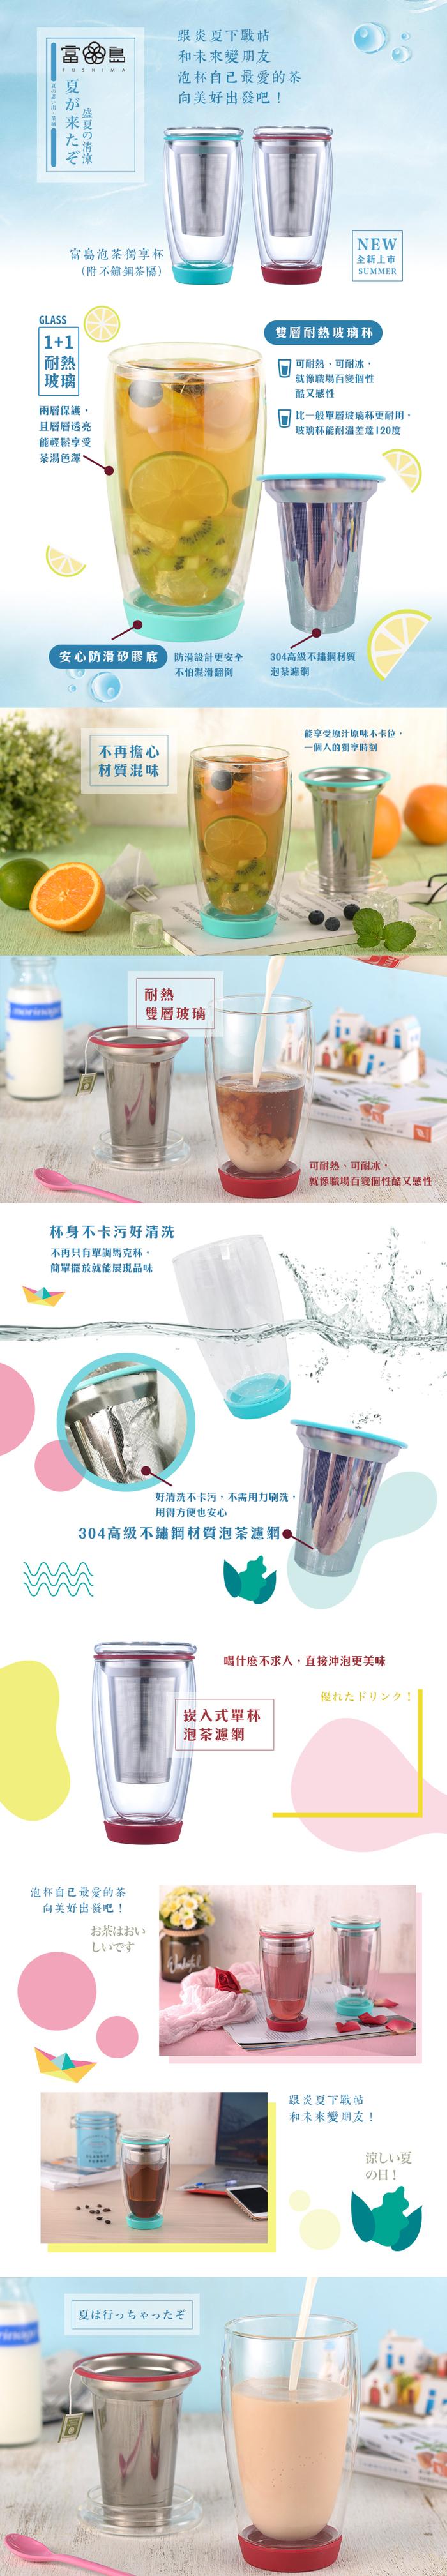 (複製)FUSHIMA 富島|禪風雅雙層隔熱厚底玻璃隨手瓶430ML(2色可選)